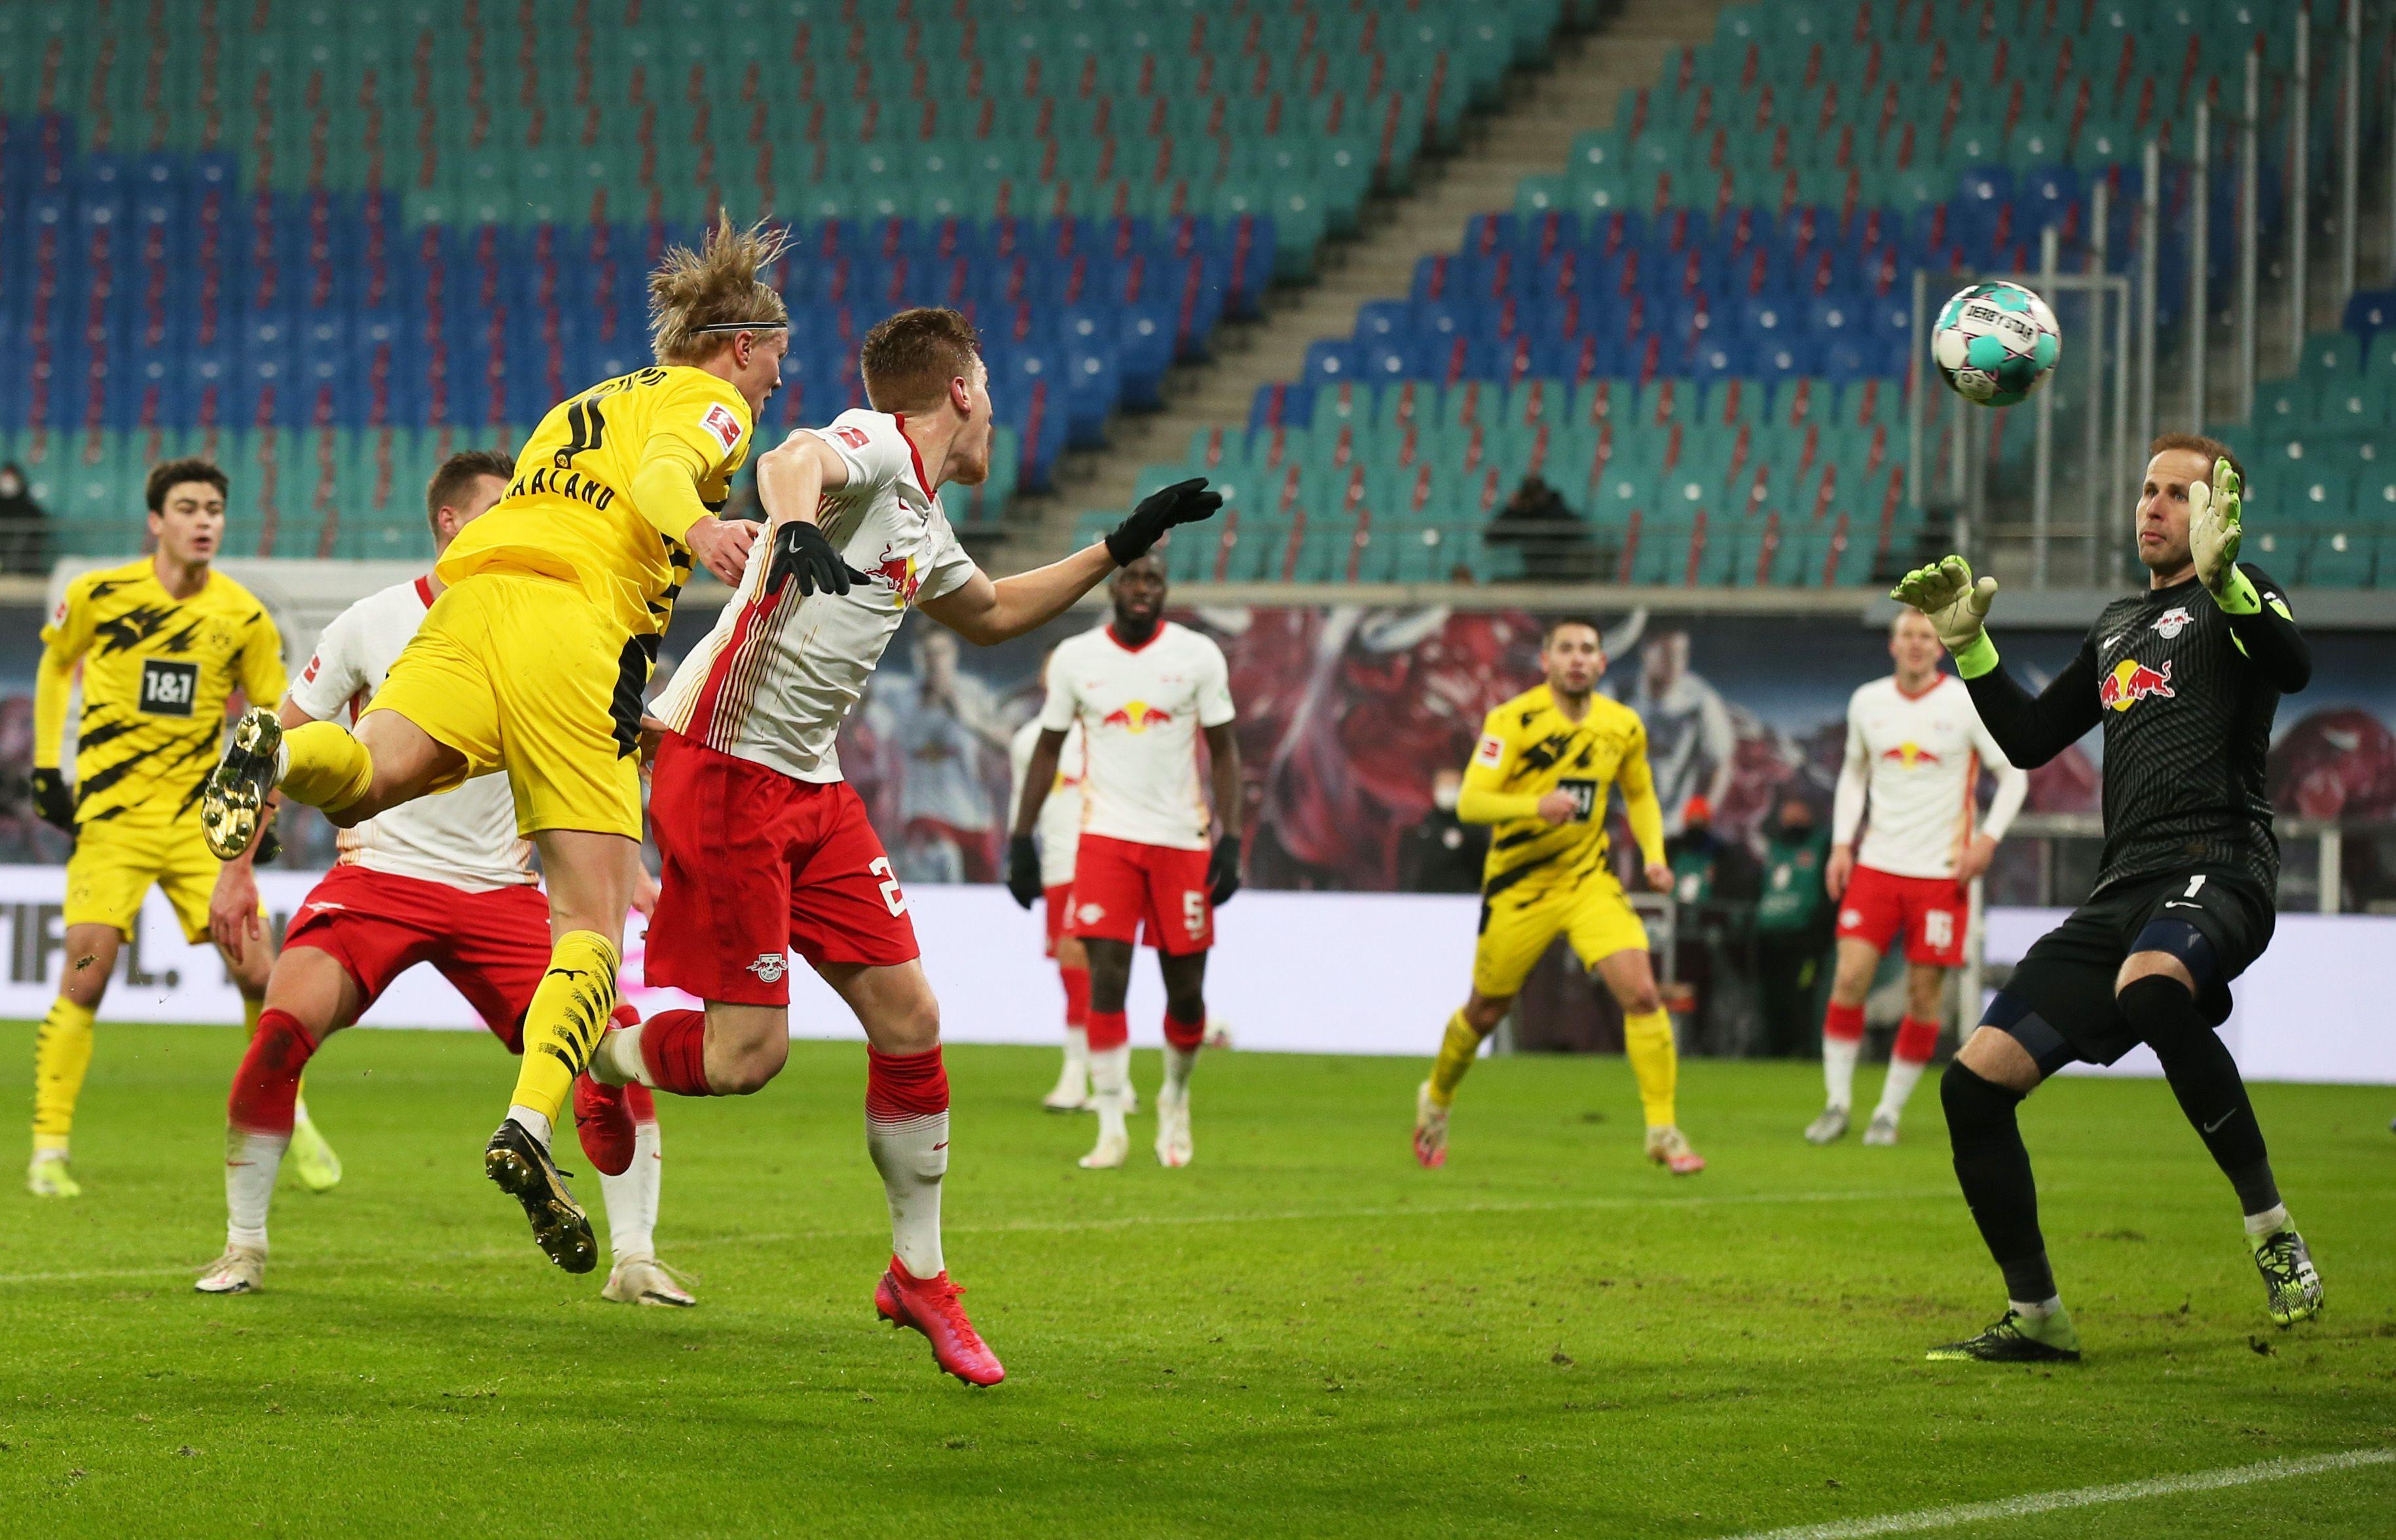 Haaland ya anticipó al defensor del RB Leipzig y anota el 2-0 para el Borussia Dortmund (REUTERS/Ronny Hartmann)